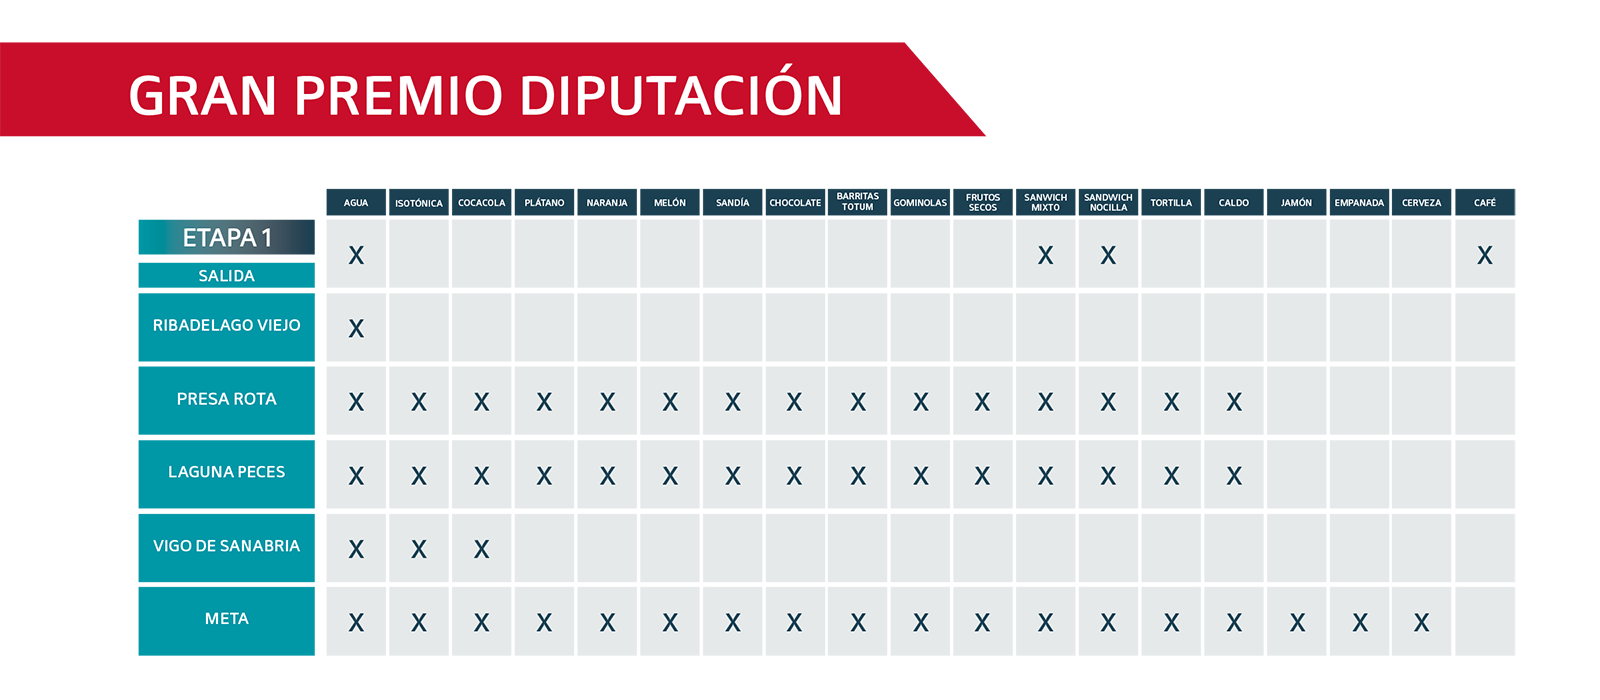 Avituallamiento Gran Premio Diputación 2021